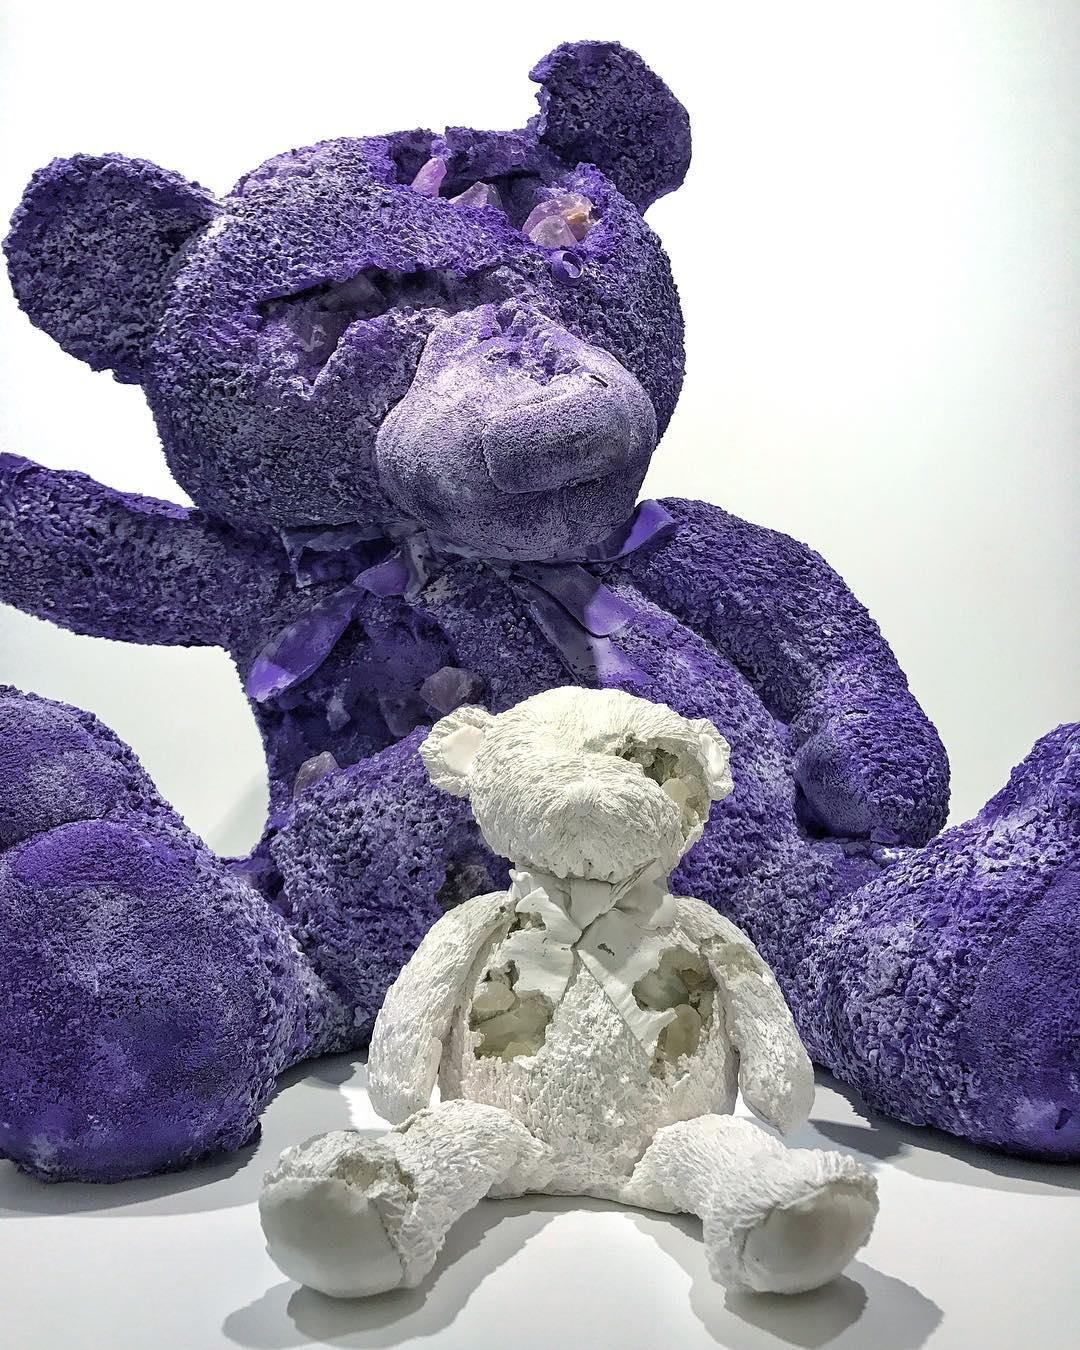 daniel-arsham-crystal-toys1.jpg